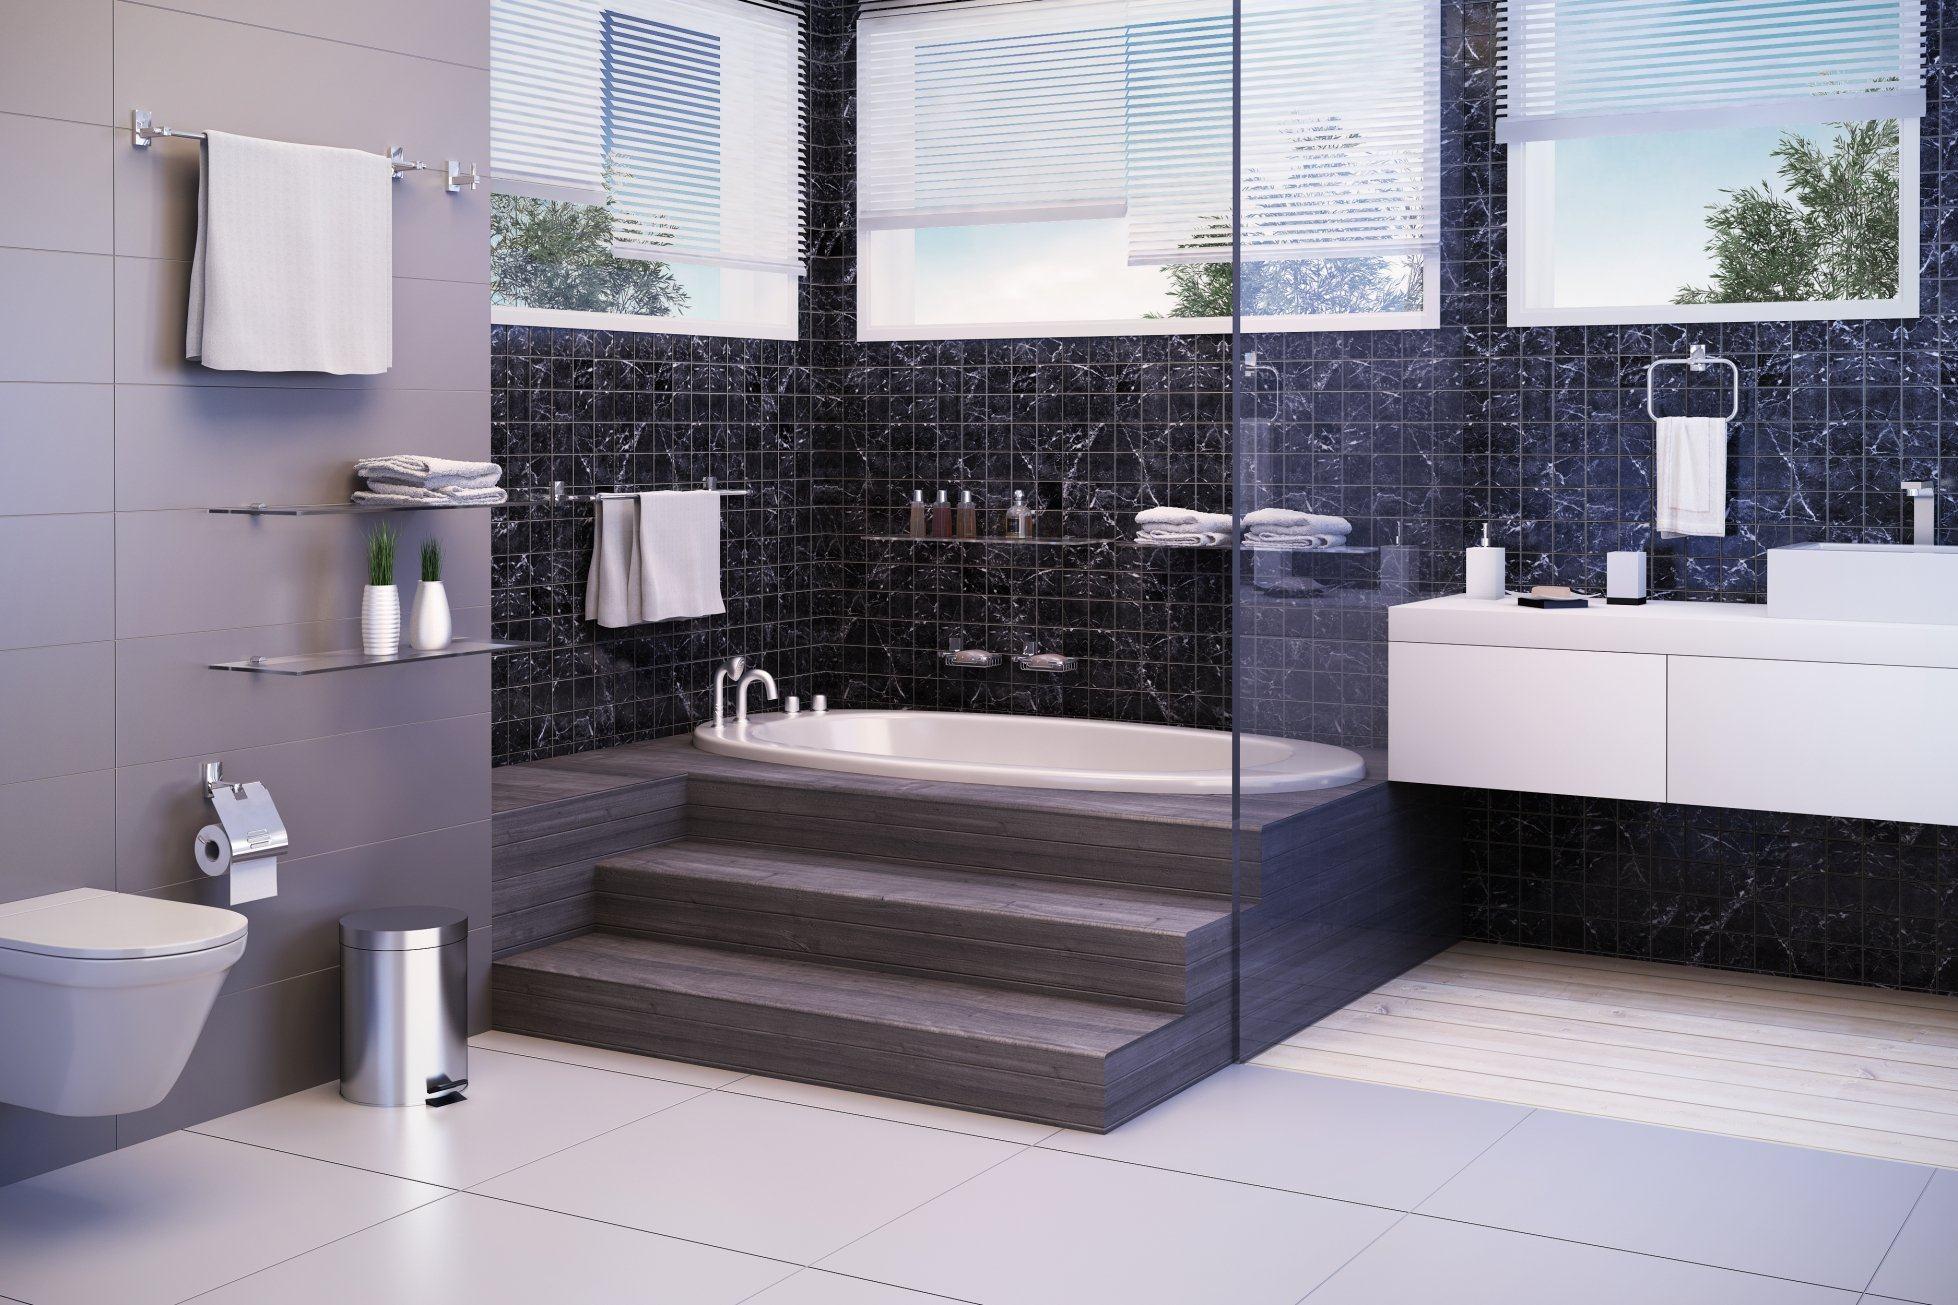 Decoração de Banheiro – Banheiro com banheira Vitoriana York Doka #486483 1958x1305 Banheiro Com Banheira De Canto